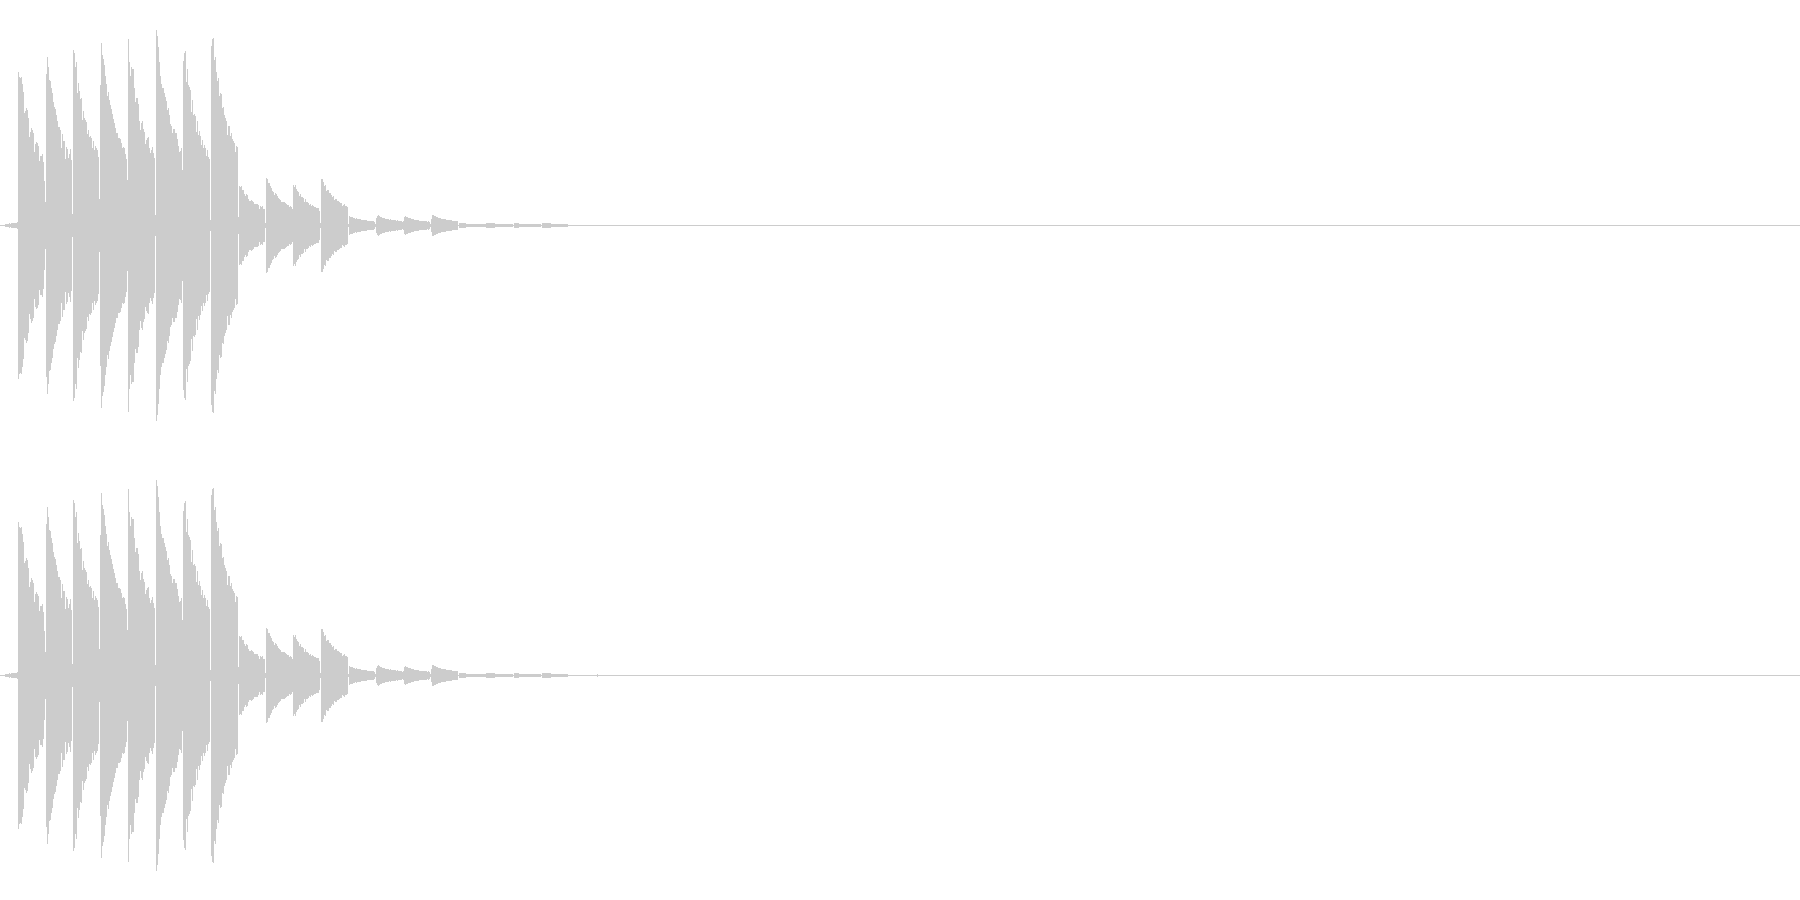 決定や場面転換などに(ゲーム)の未再生の波形